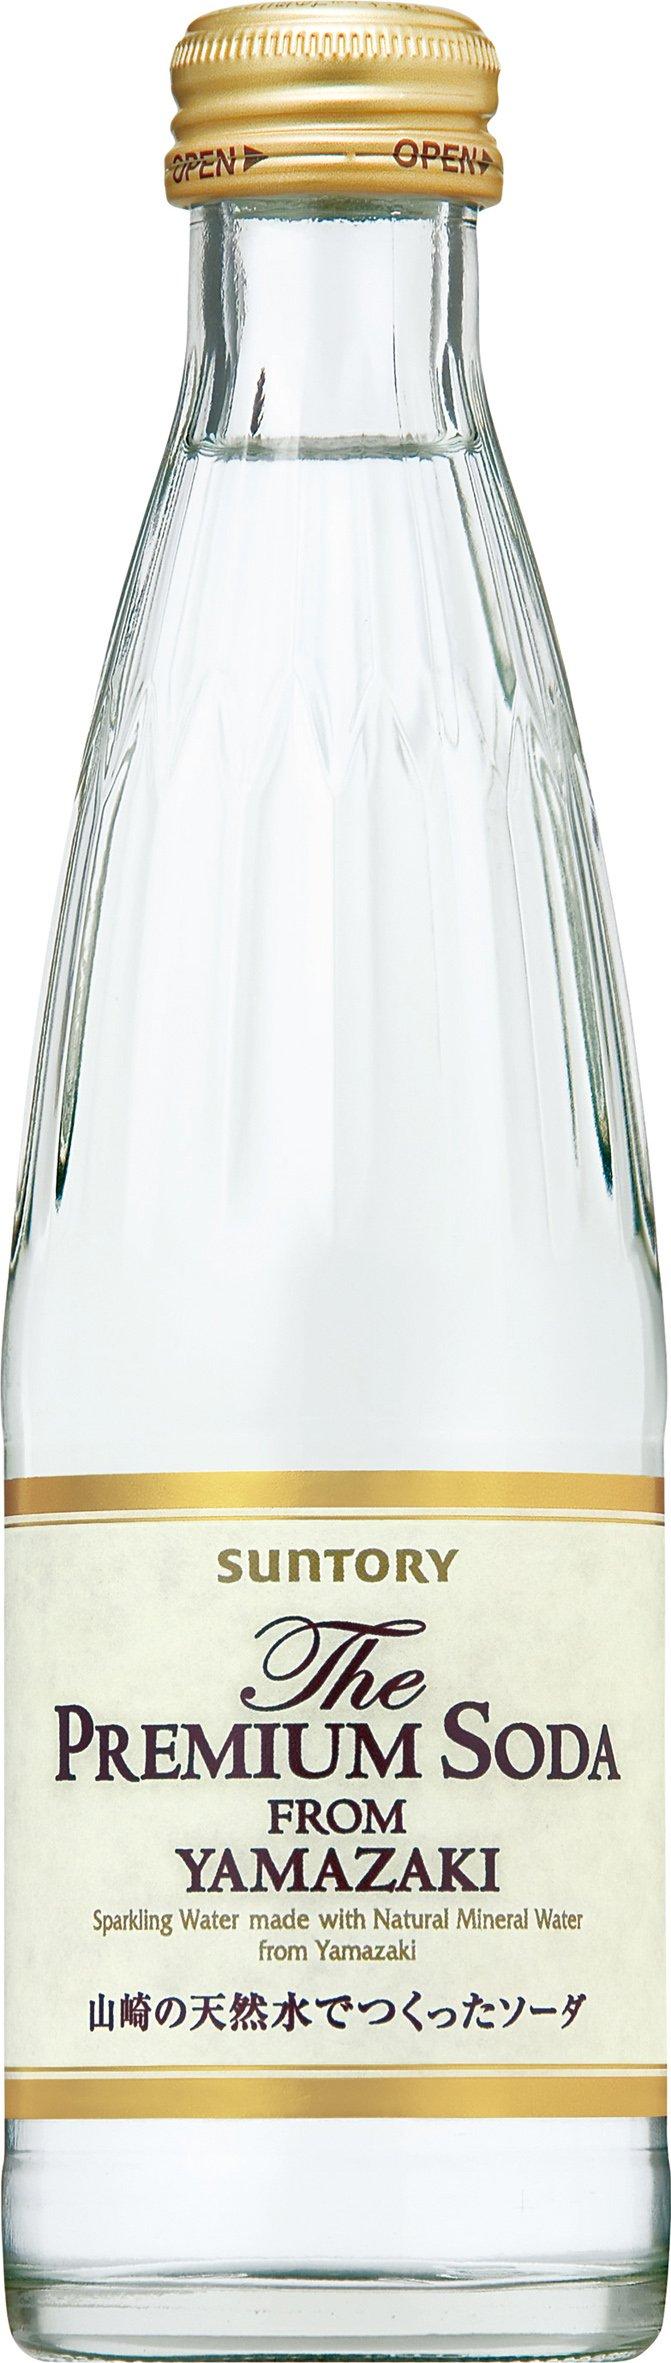 Suntory The Premium soda from YAMAZAKI 240ml ~ 24 this